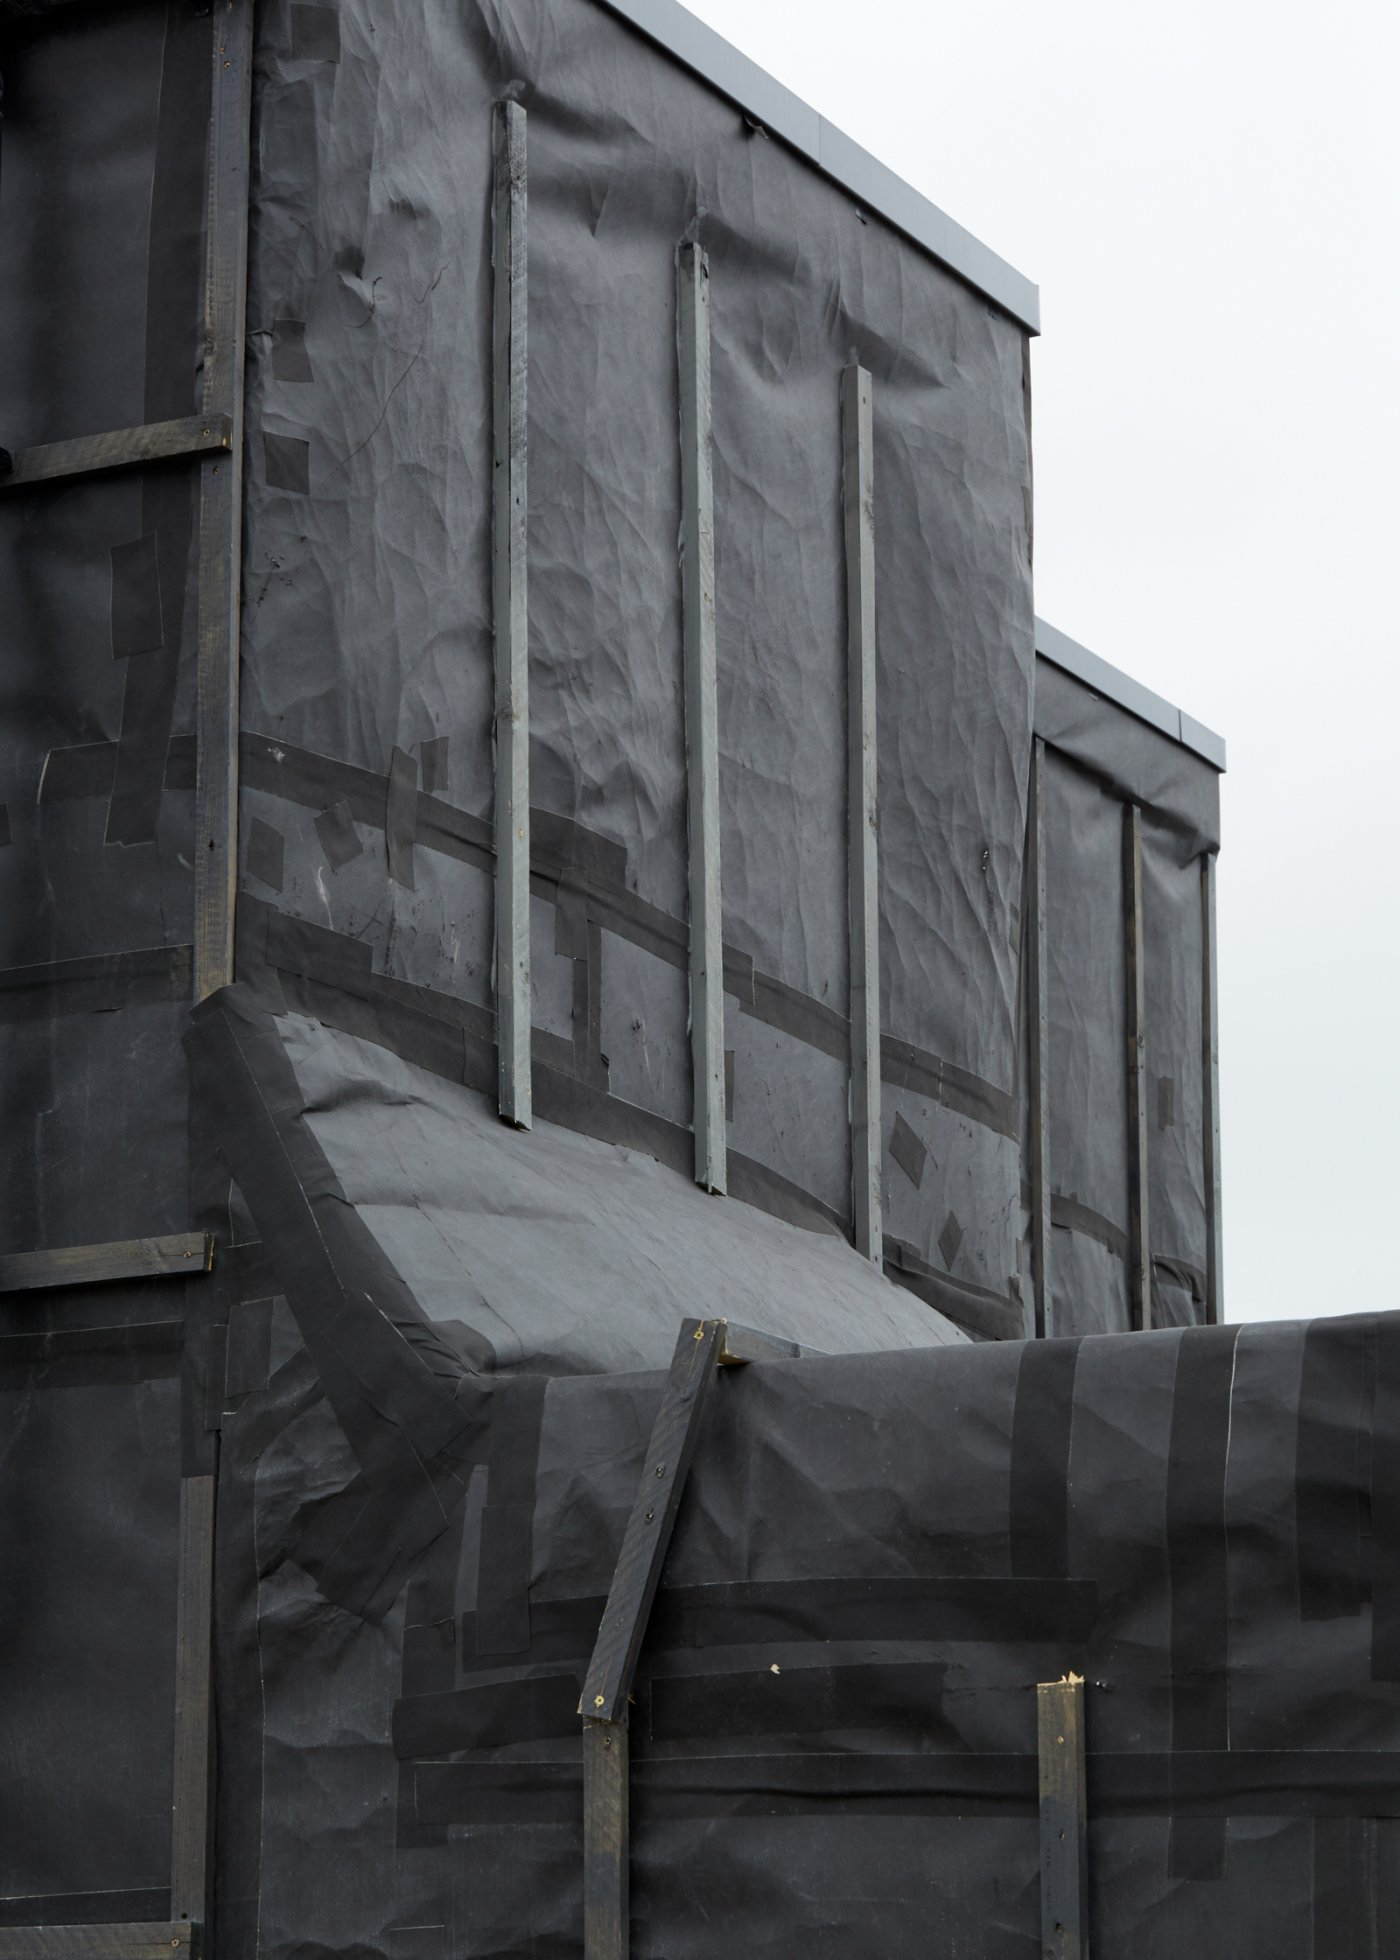 Collaboration with architects Christ & Gantenbein